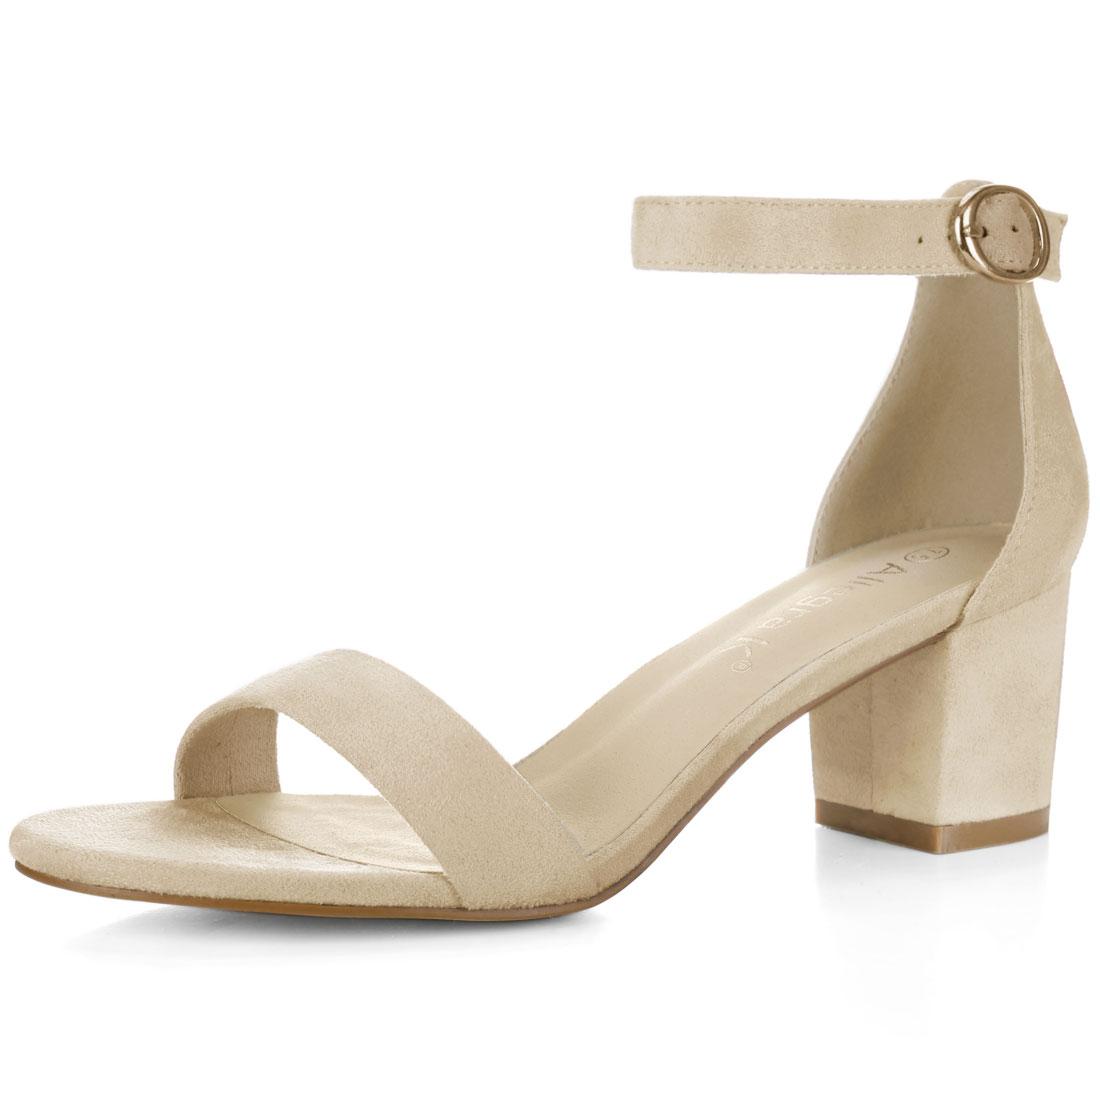 Women Open Toe Mid Block Heel Ankle Strap Sandals Beige US 4.5